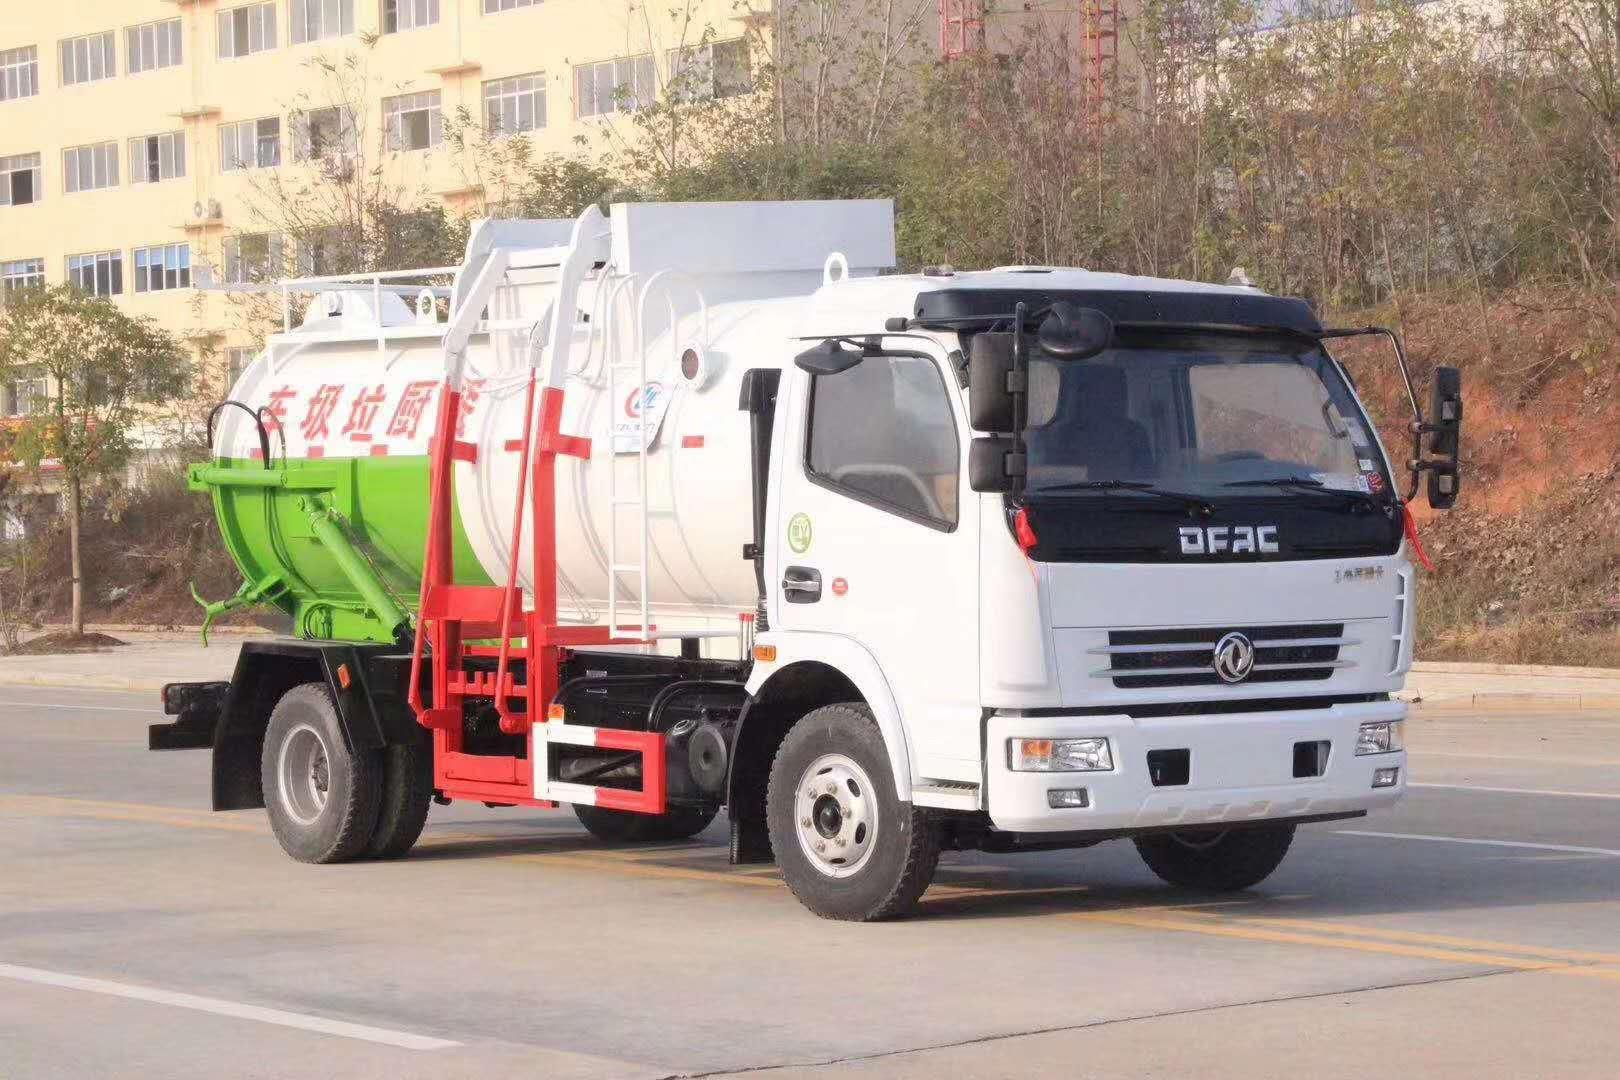 東風國六餐廚垃圾車 餐廚垃圾車廠家價格視頻